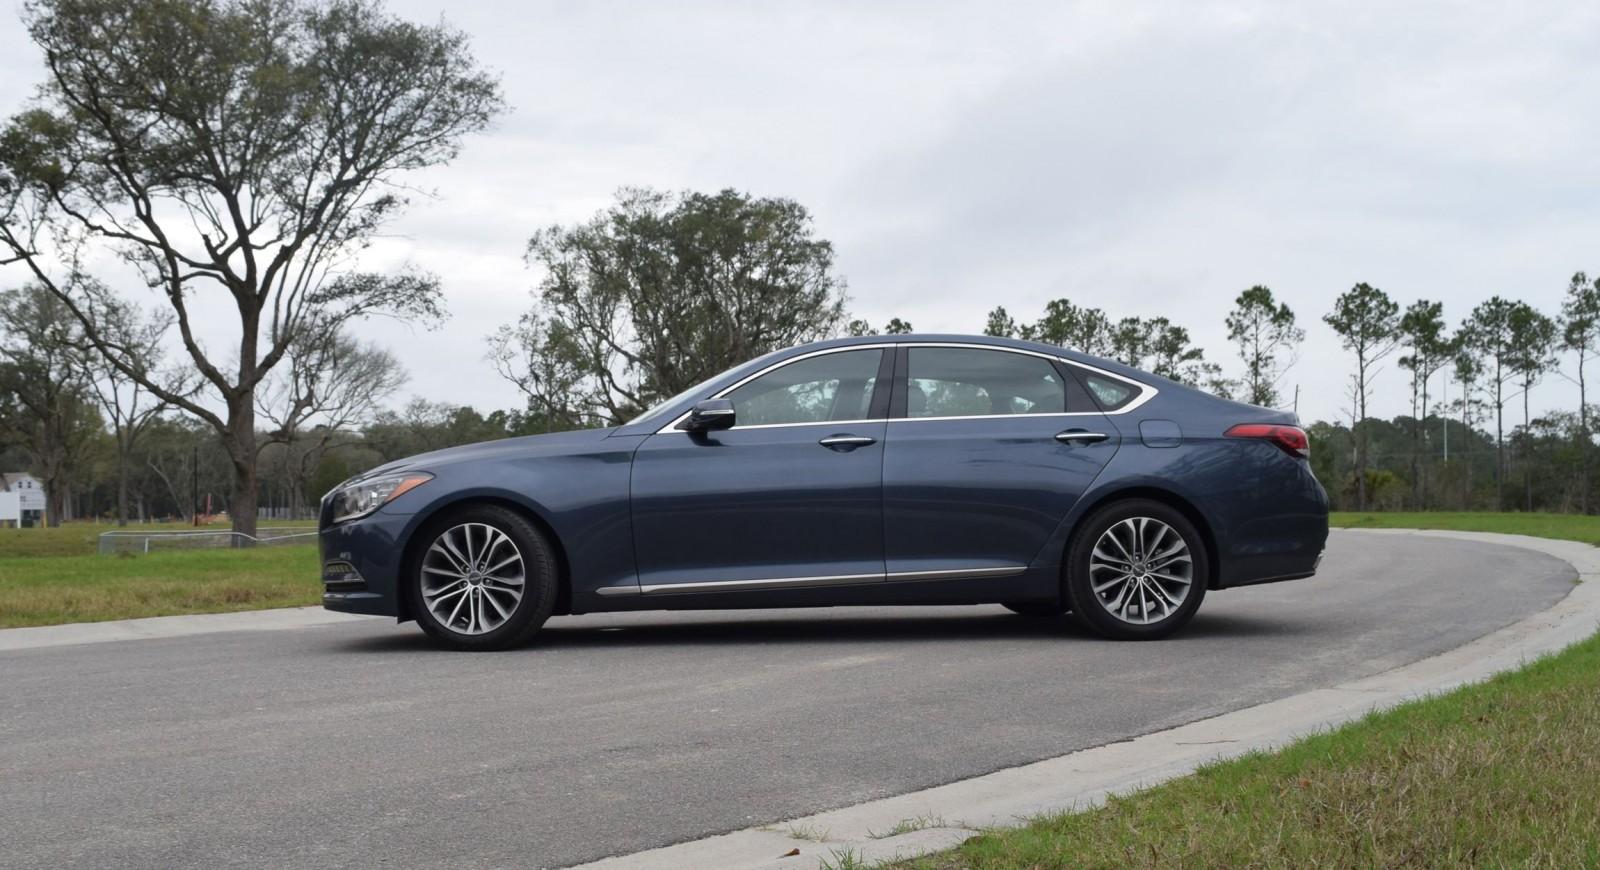 Hd road test review 2016 hyundai genesis ultimate v6 rwd - 2016 hyundai genesis sedan interior ...